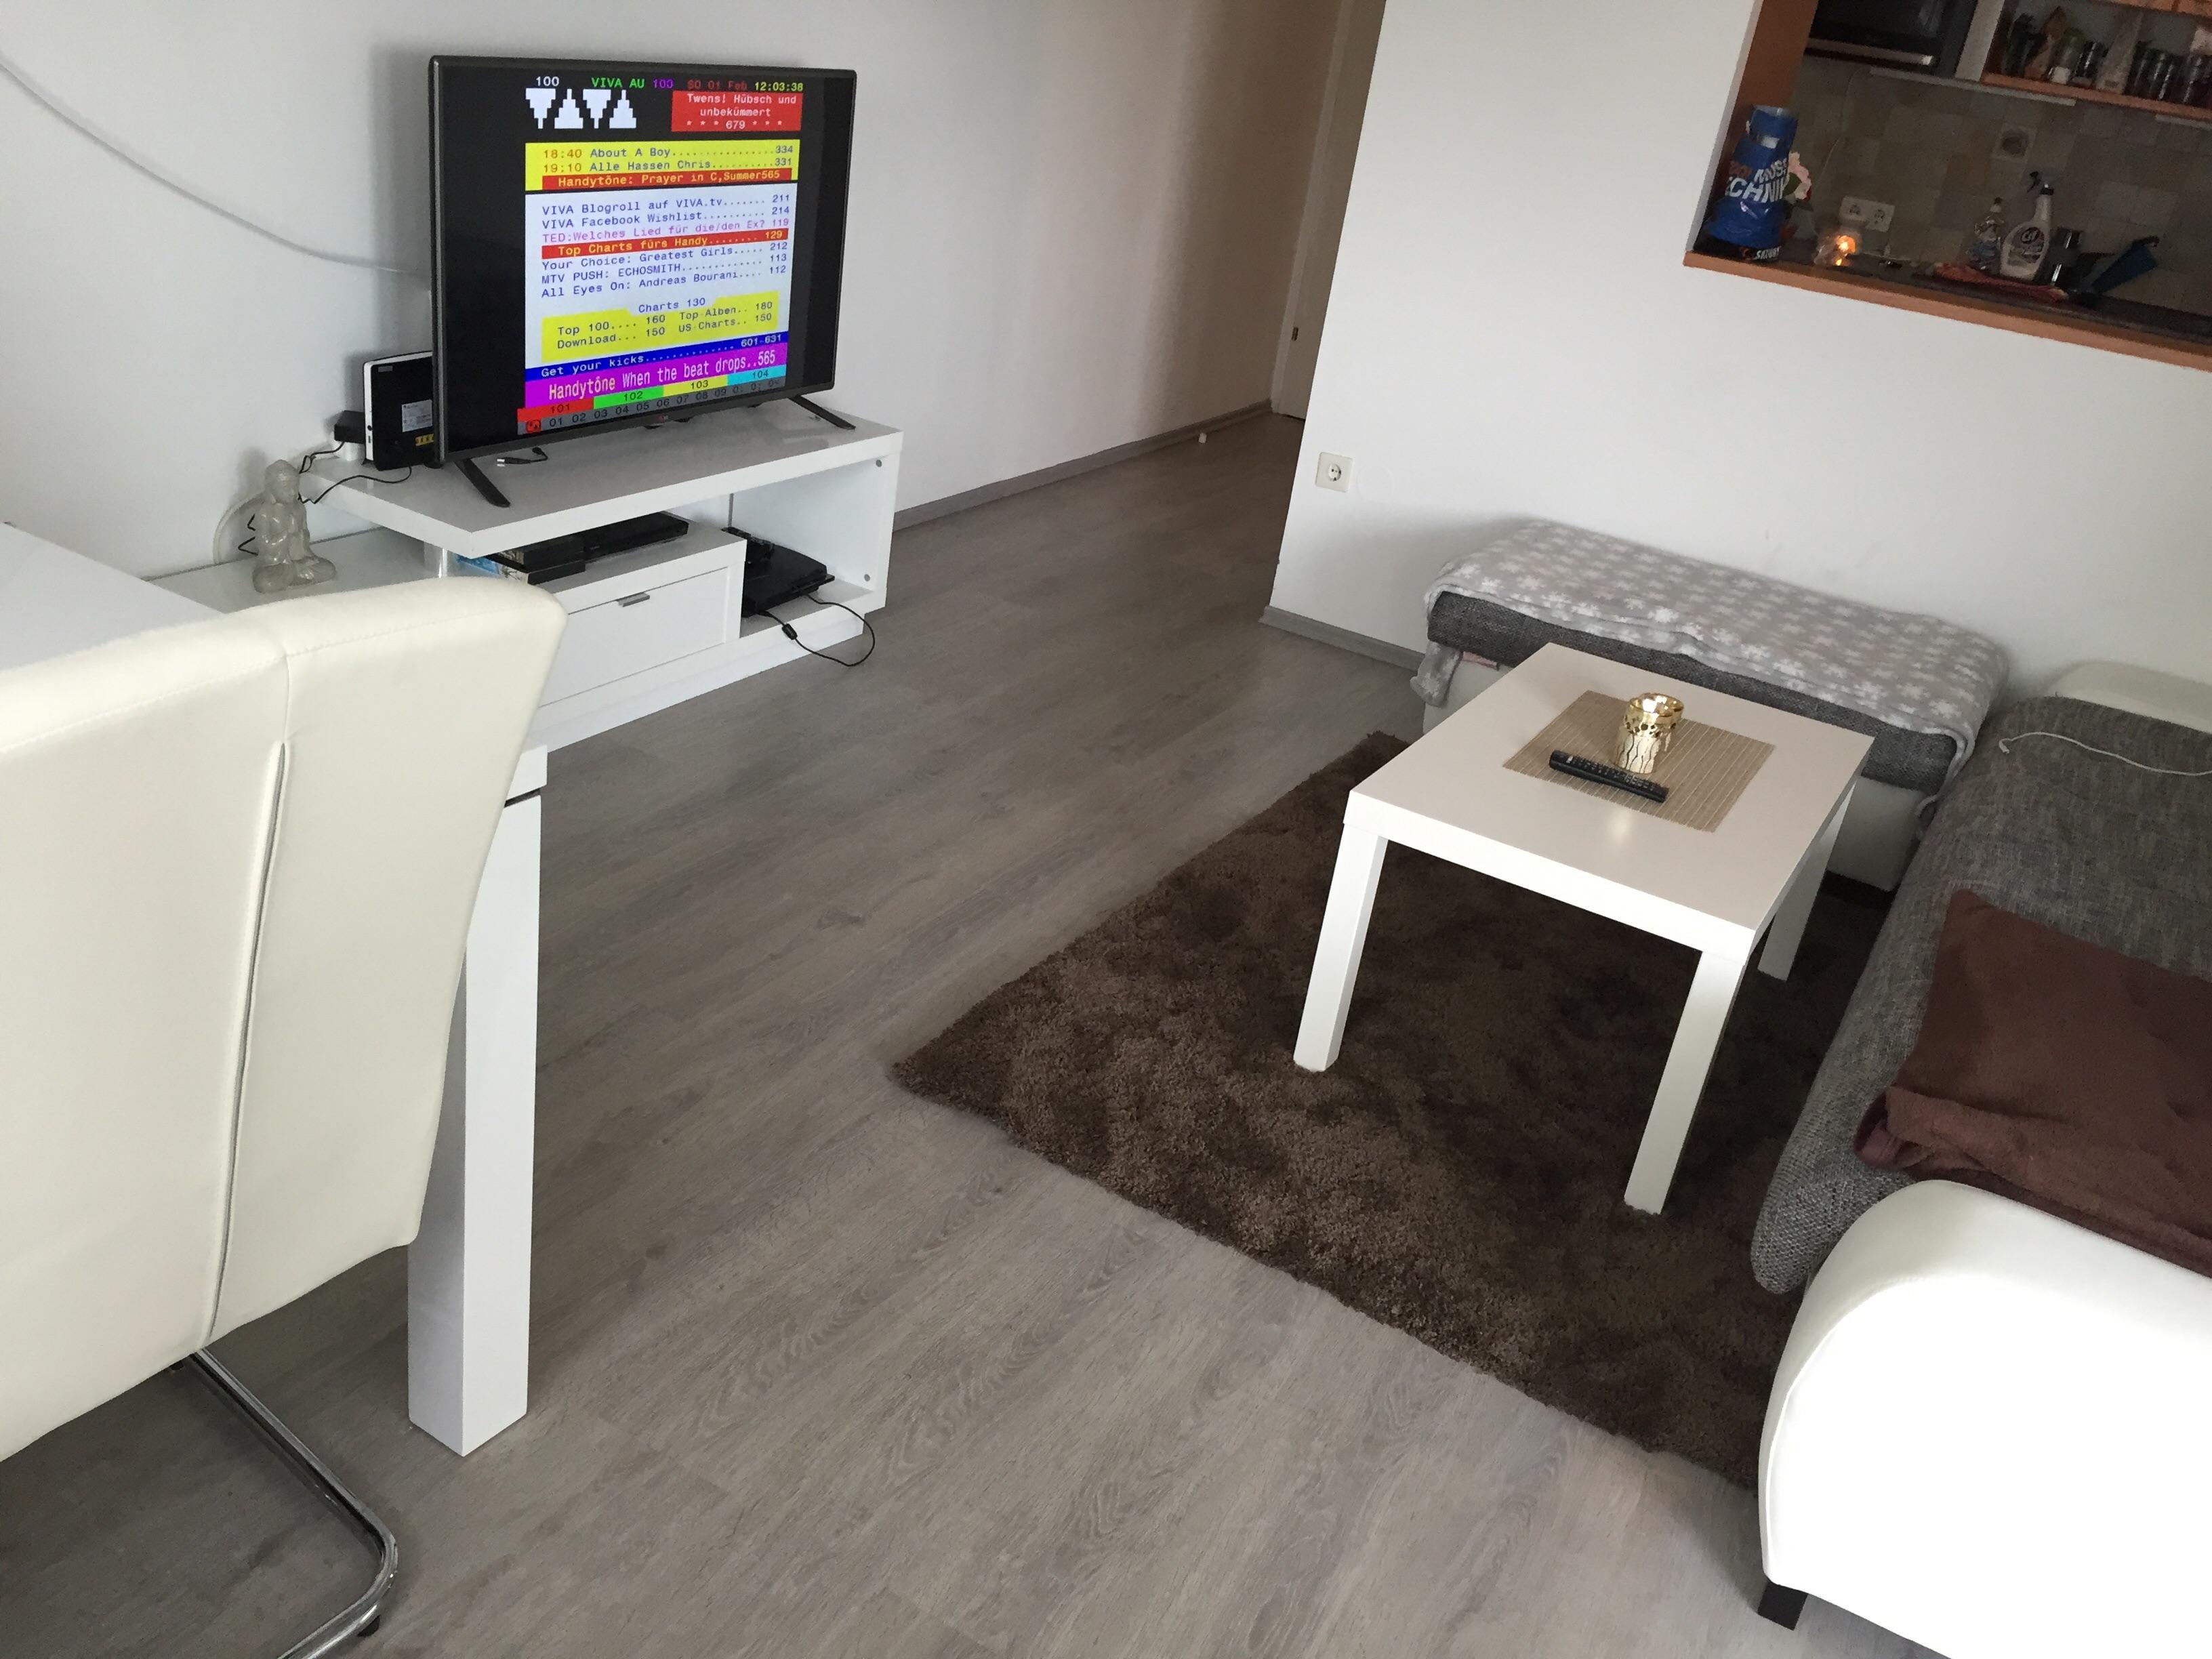 Wohnzimmer umstellen hilfe wohnung for Wohnung dekorieren hilfe